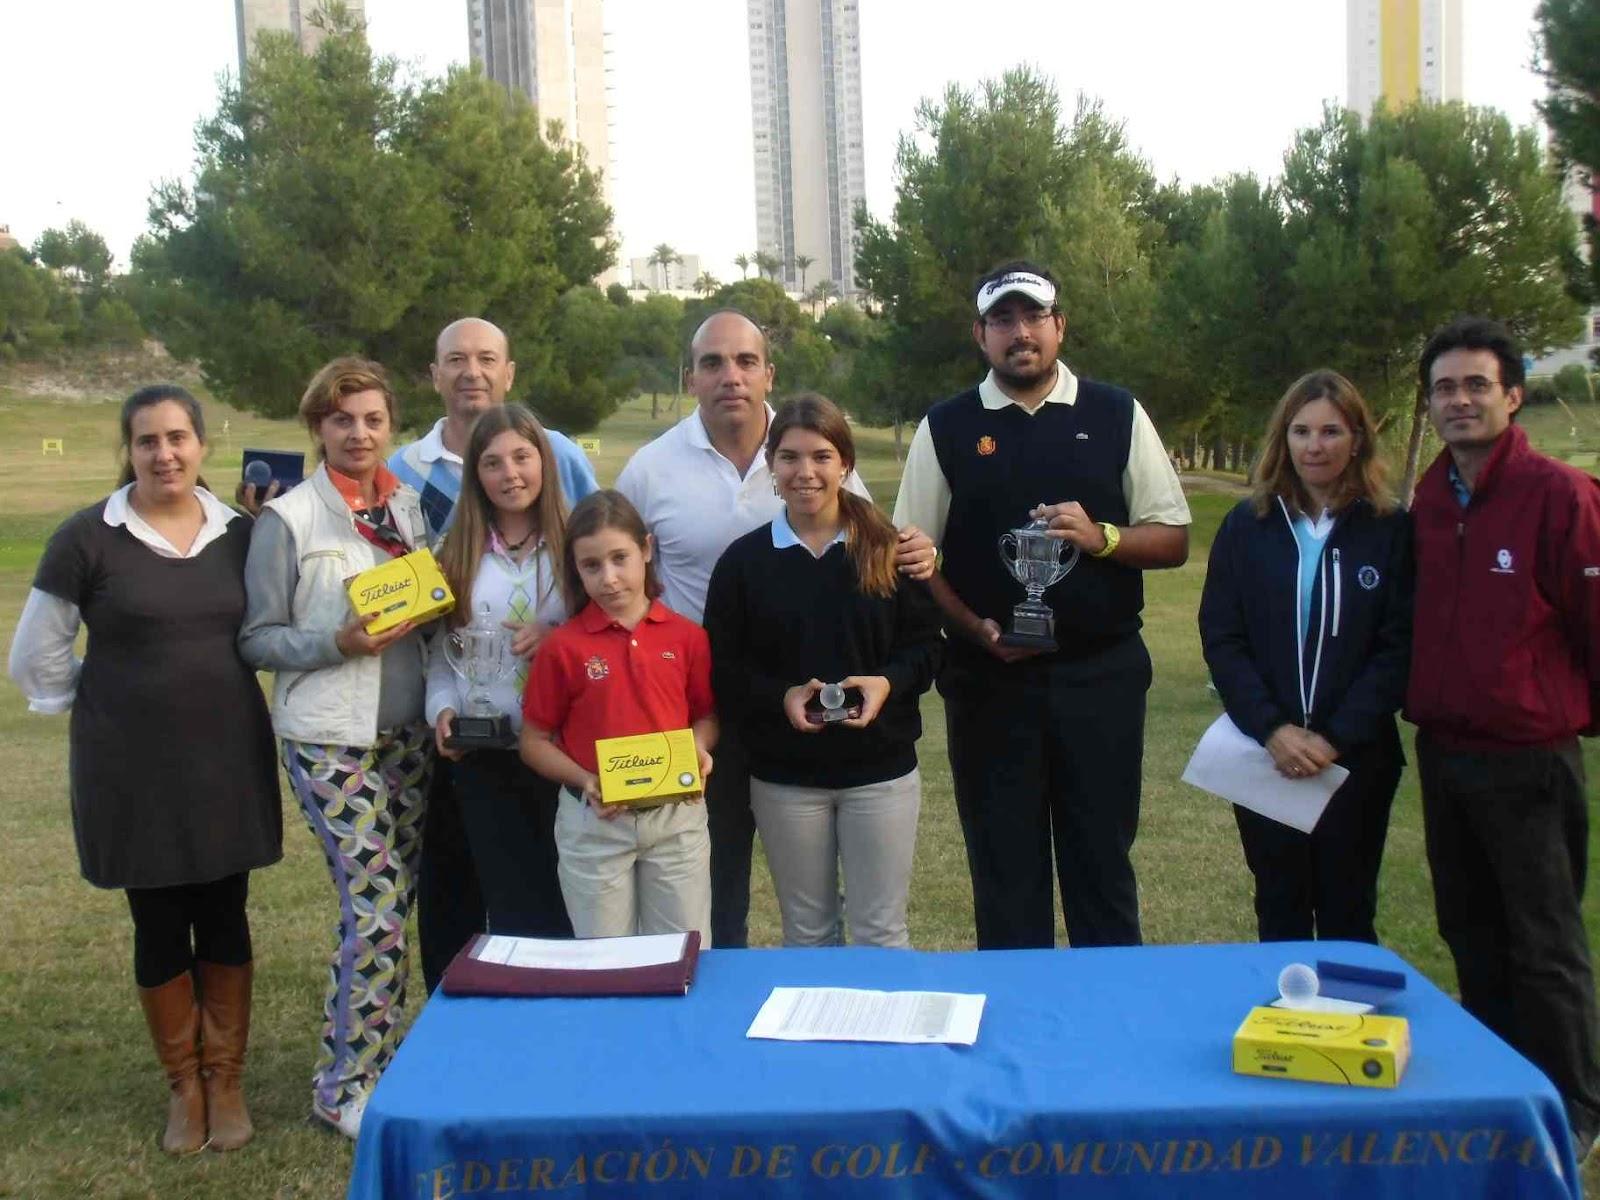 ignacio Morgado Campeón de Pitch & Putt de la Comunidad Valenciana